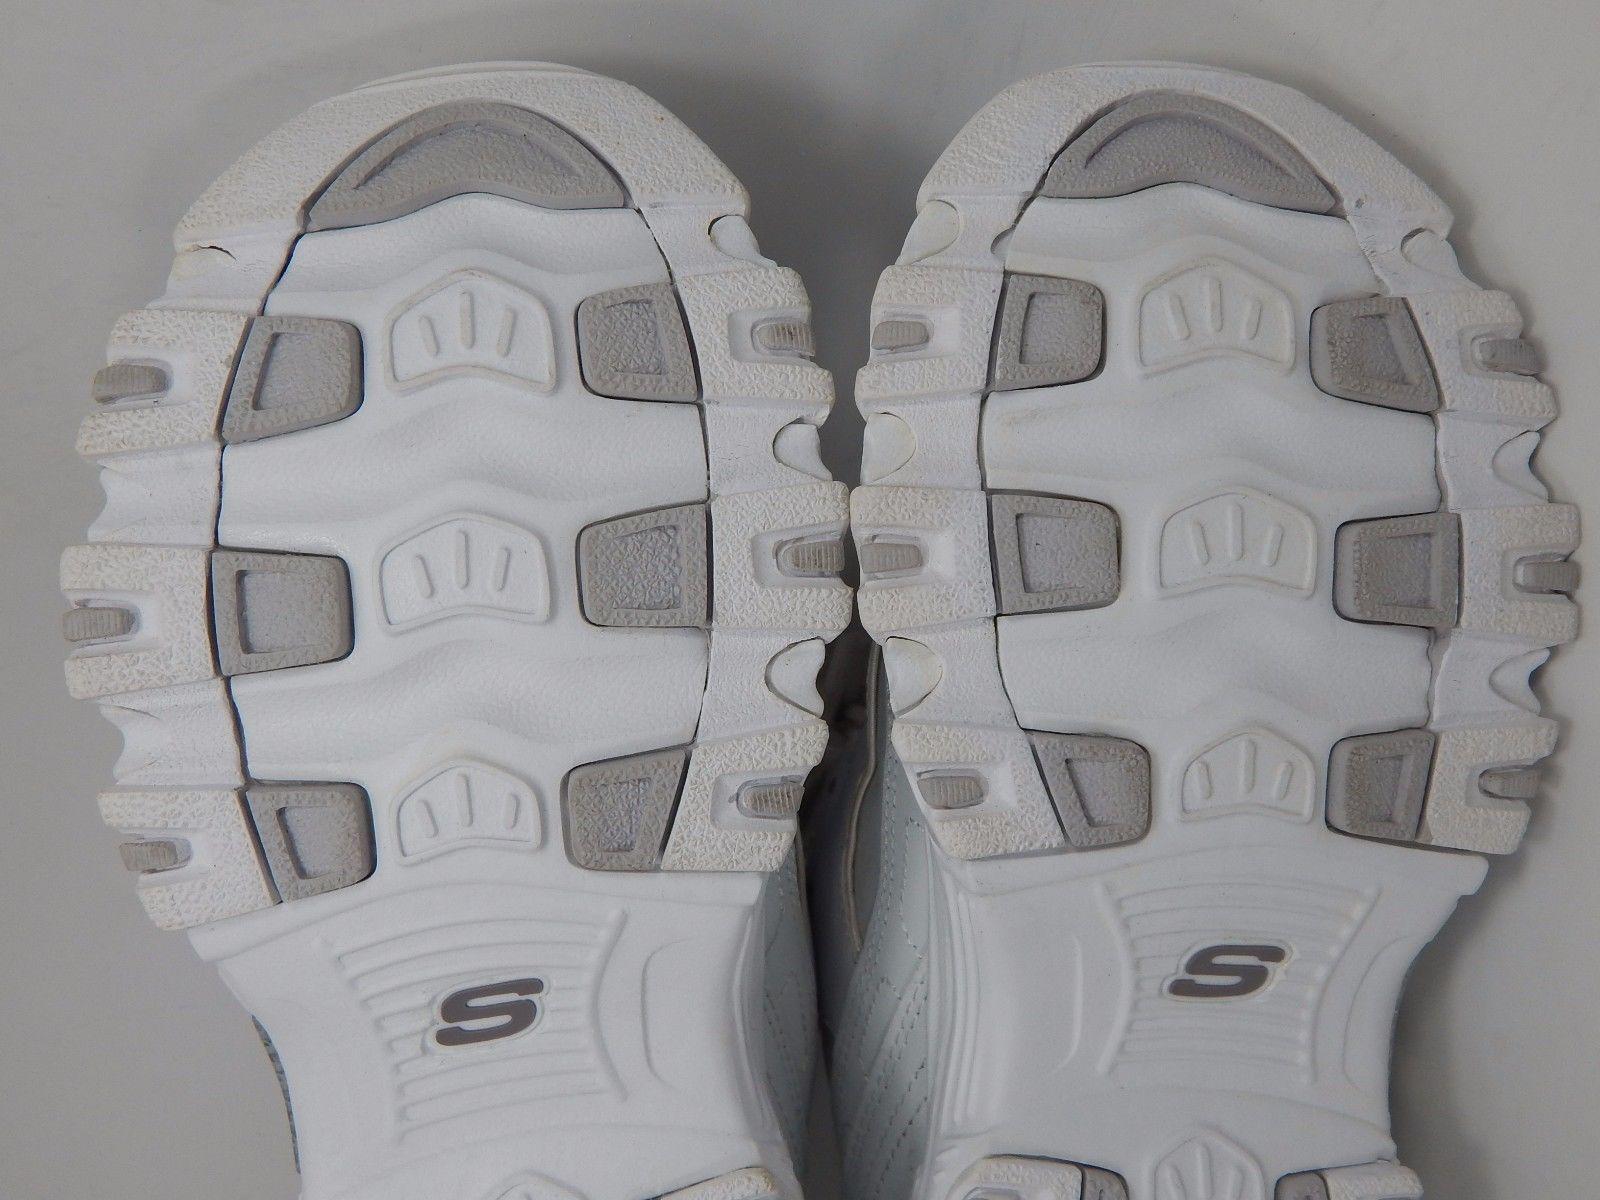 Skechers D'Lites Women's Athletic Shoes Size US 6.5 M (B) EU 36.5 White